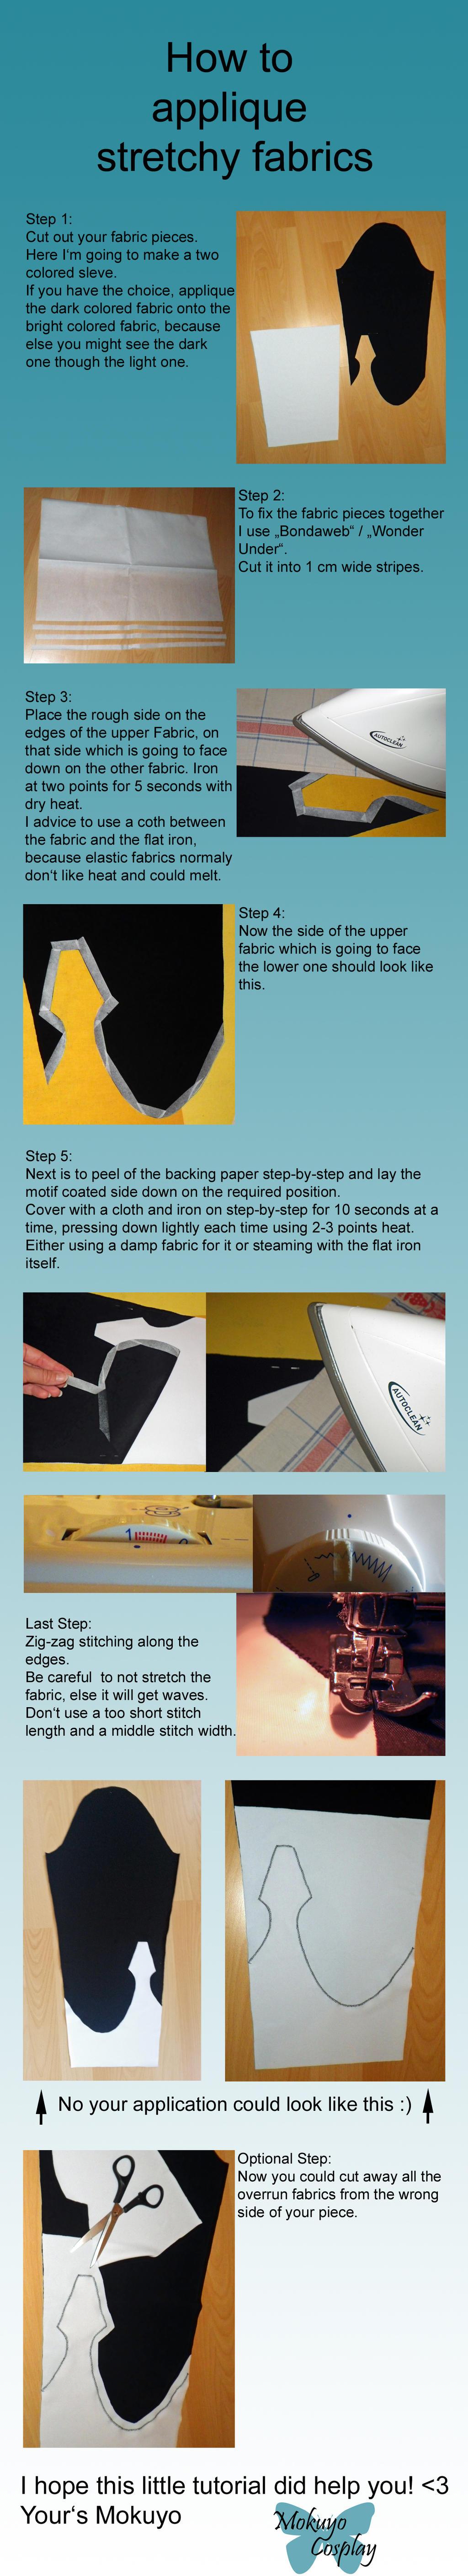 How to applique stretchy fabrics